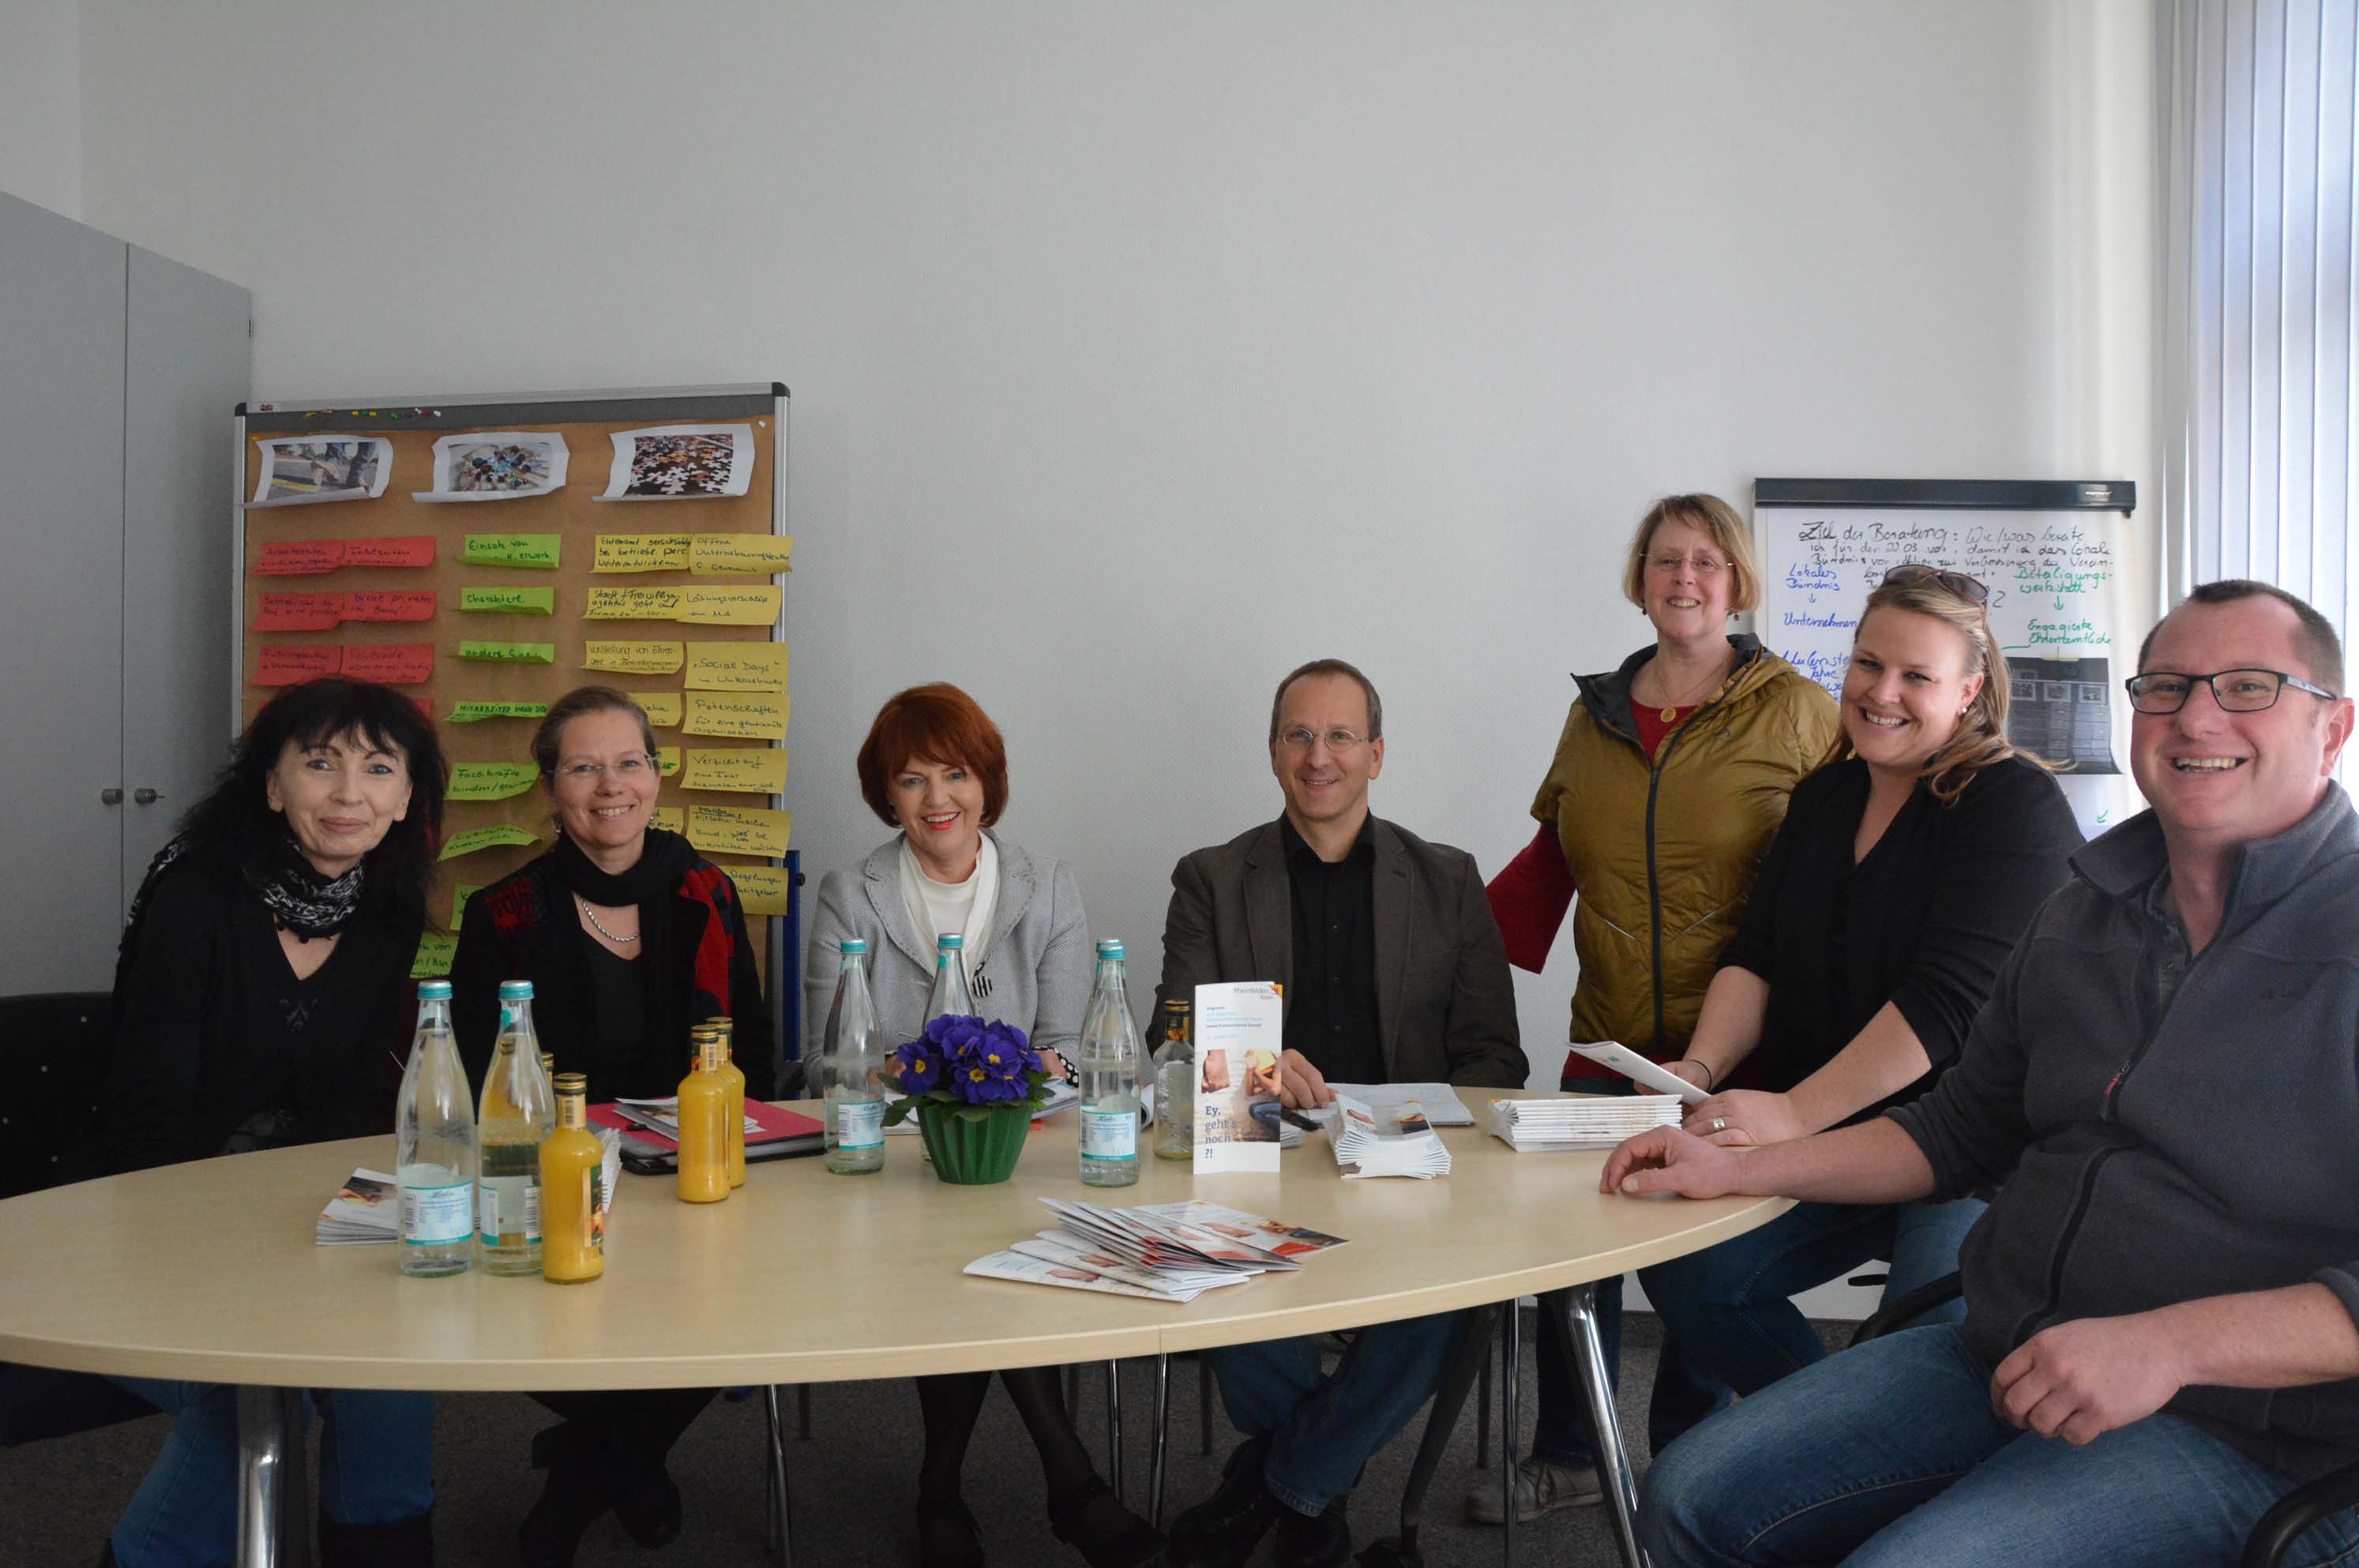 Doris Welzel, Bürgermeisterin Stöcker, Cornelia Rösner, Andreas Kramer, Mechthild Käuflin-Lamott, Anna Hinna und Markus Schwarz freuen sich auf die 3. Präventionsdekade.